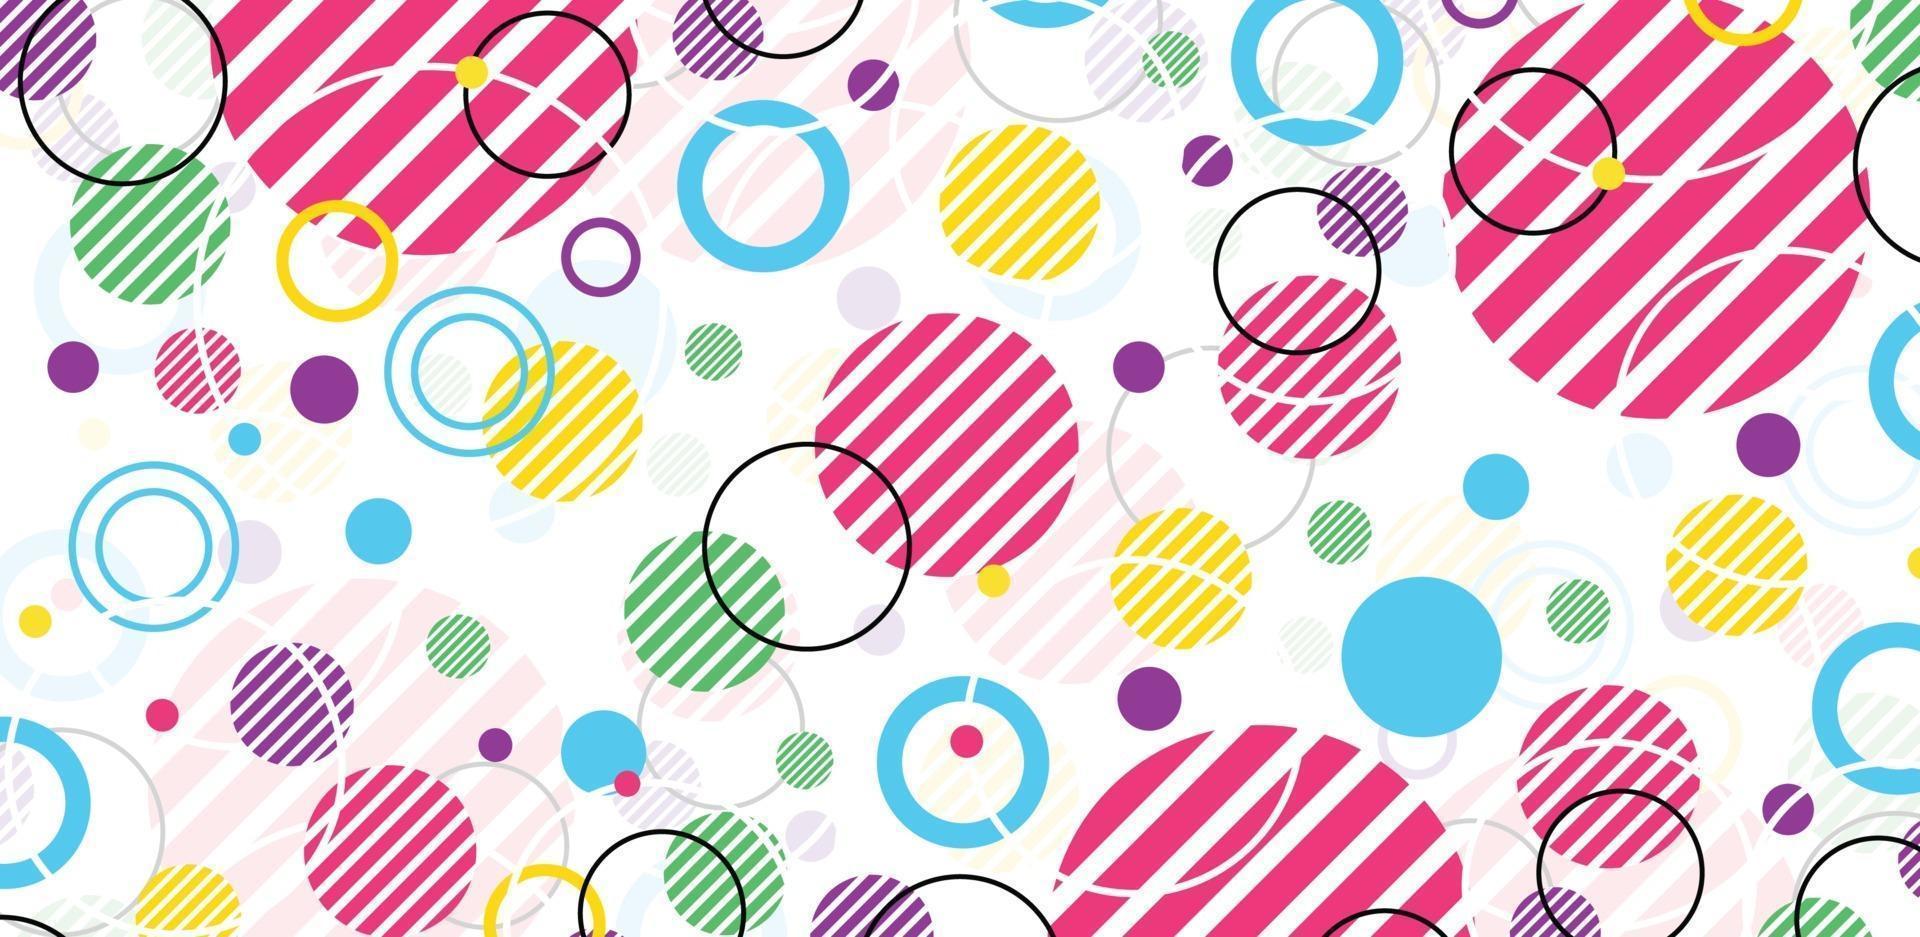 abstract cirkel geometrisch ontwerp als achtergrond voor banner, flyer, boekomslag, poster. verbinding layout punt en lijn. vector illustratie